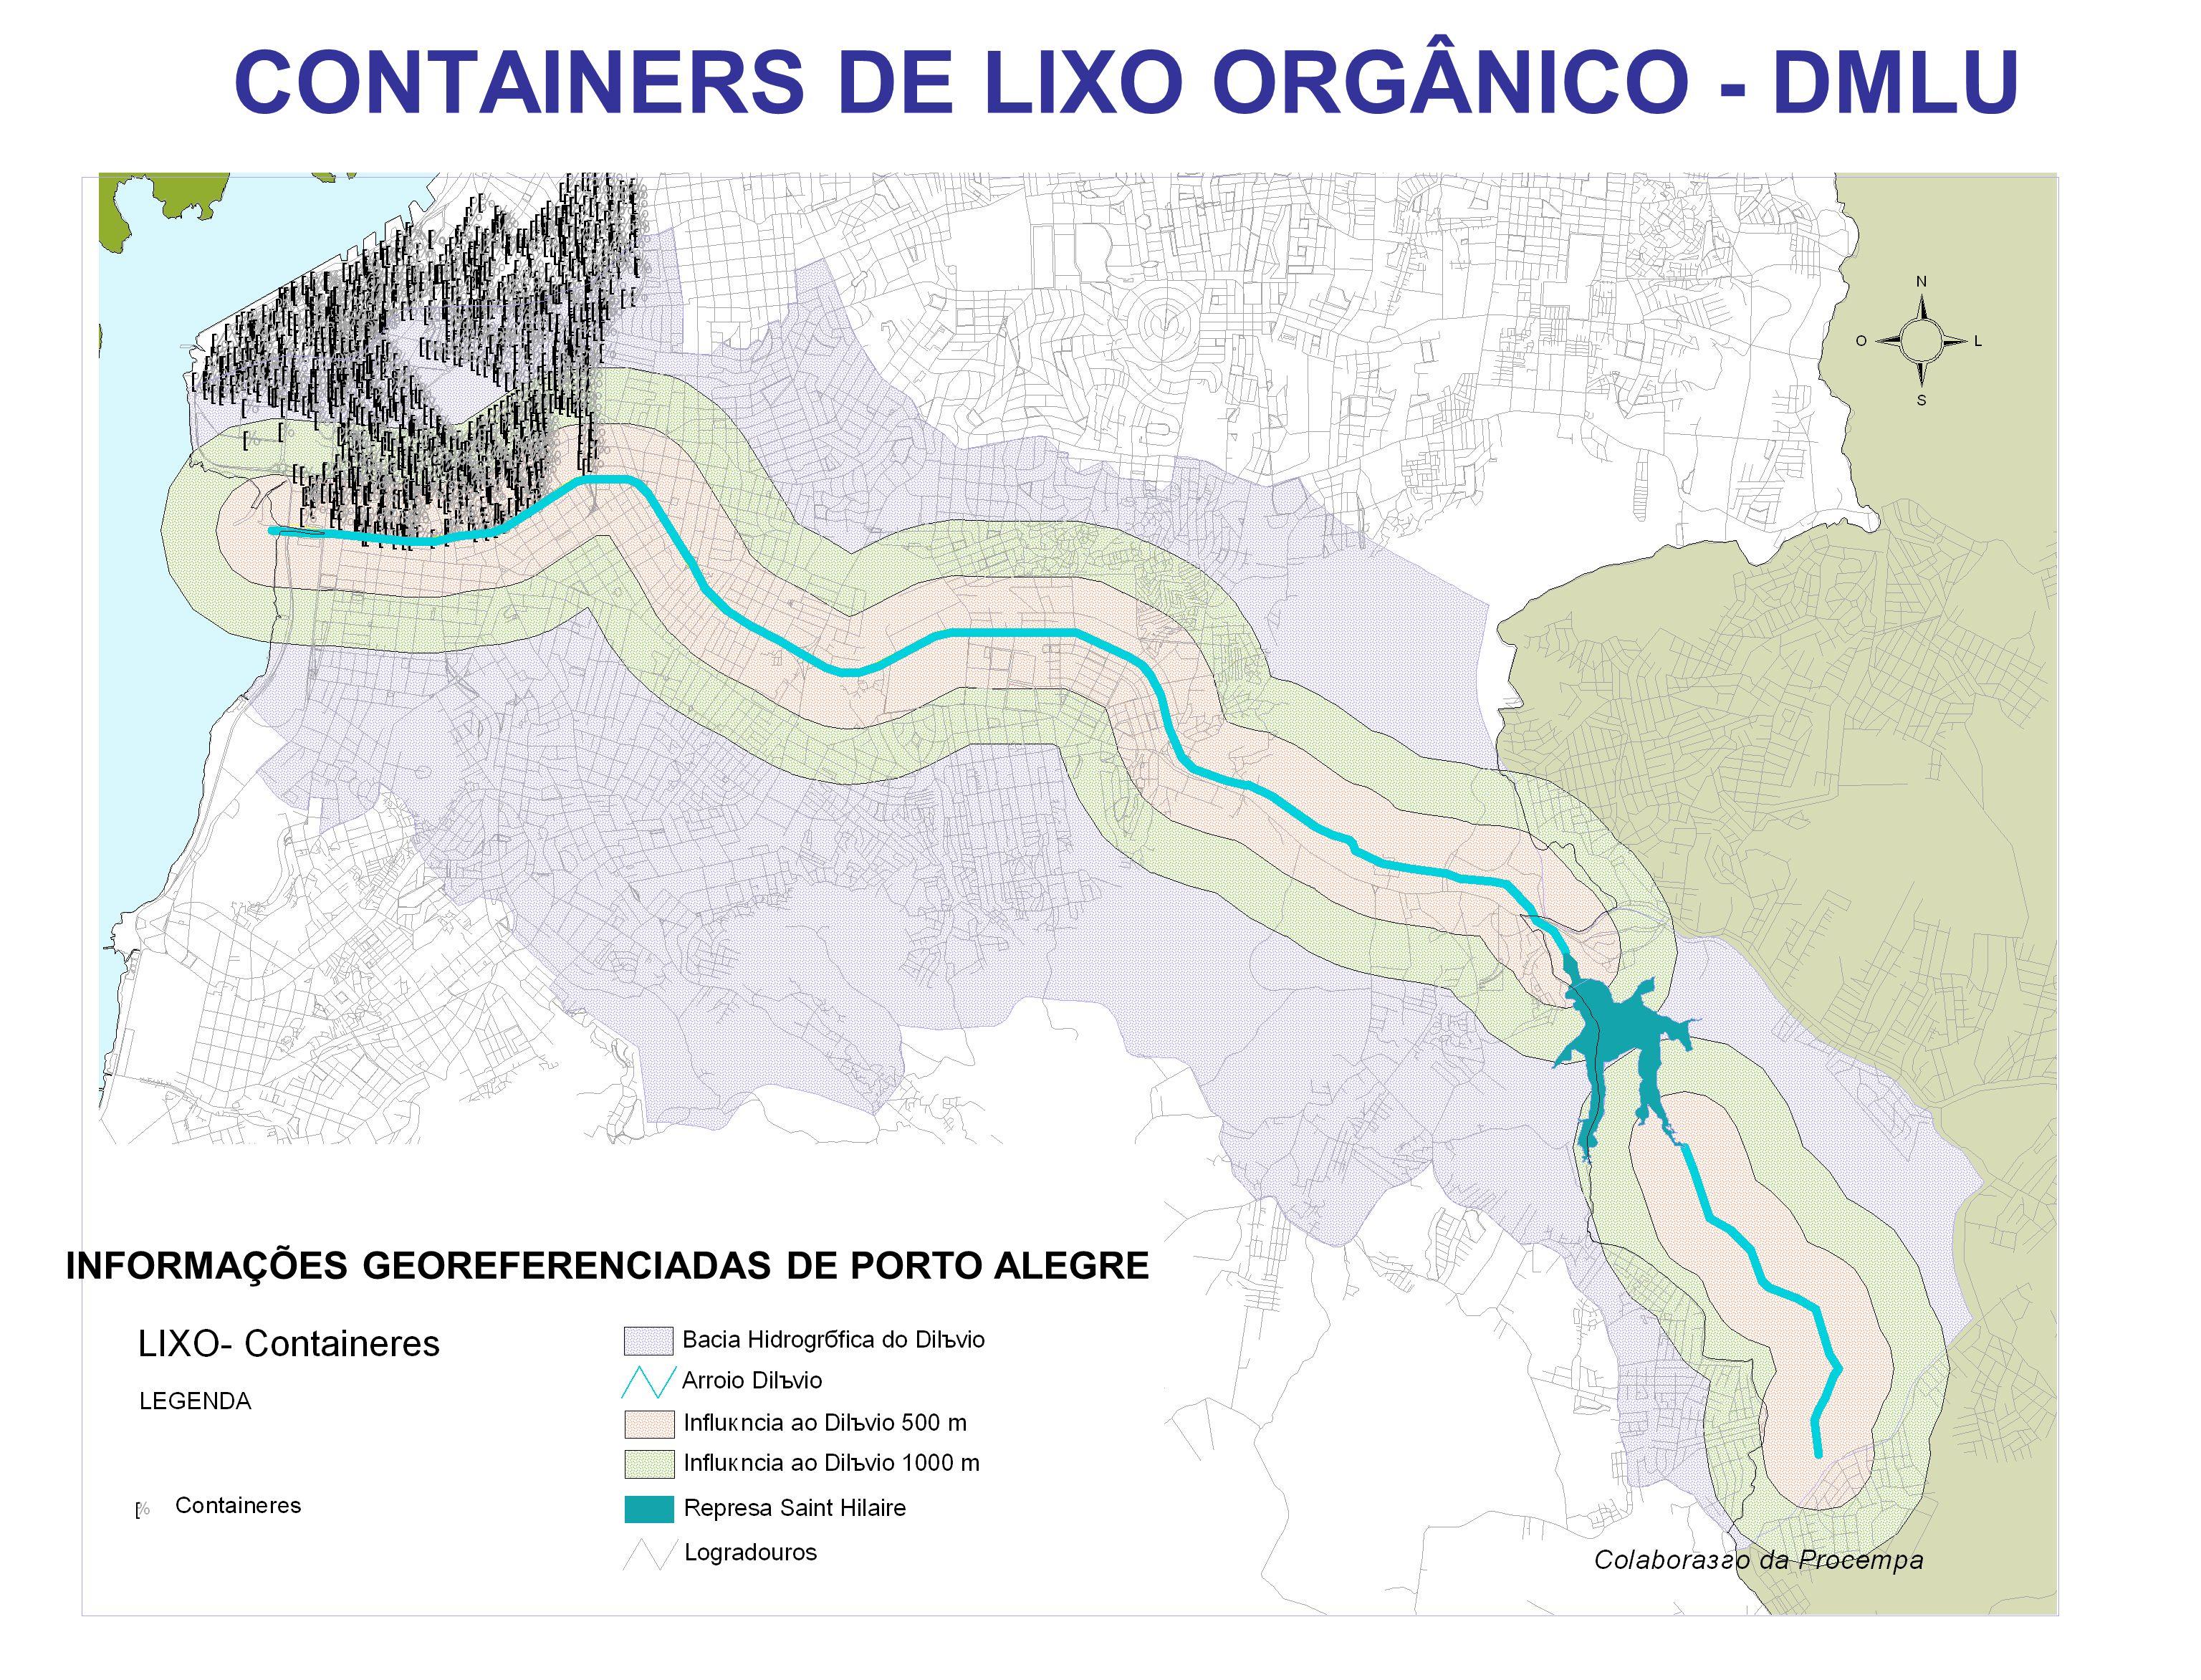 CONTAINERS DE LIXO ORGÂNICO - DMLU